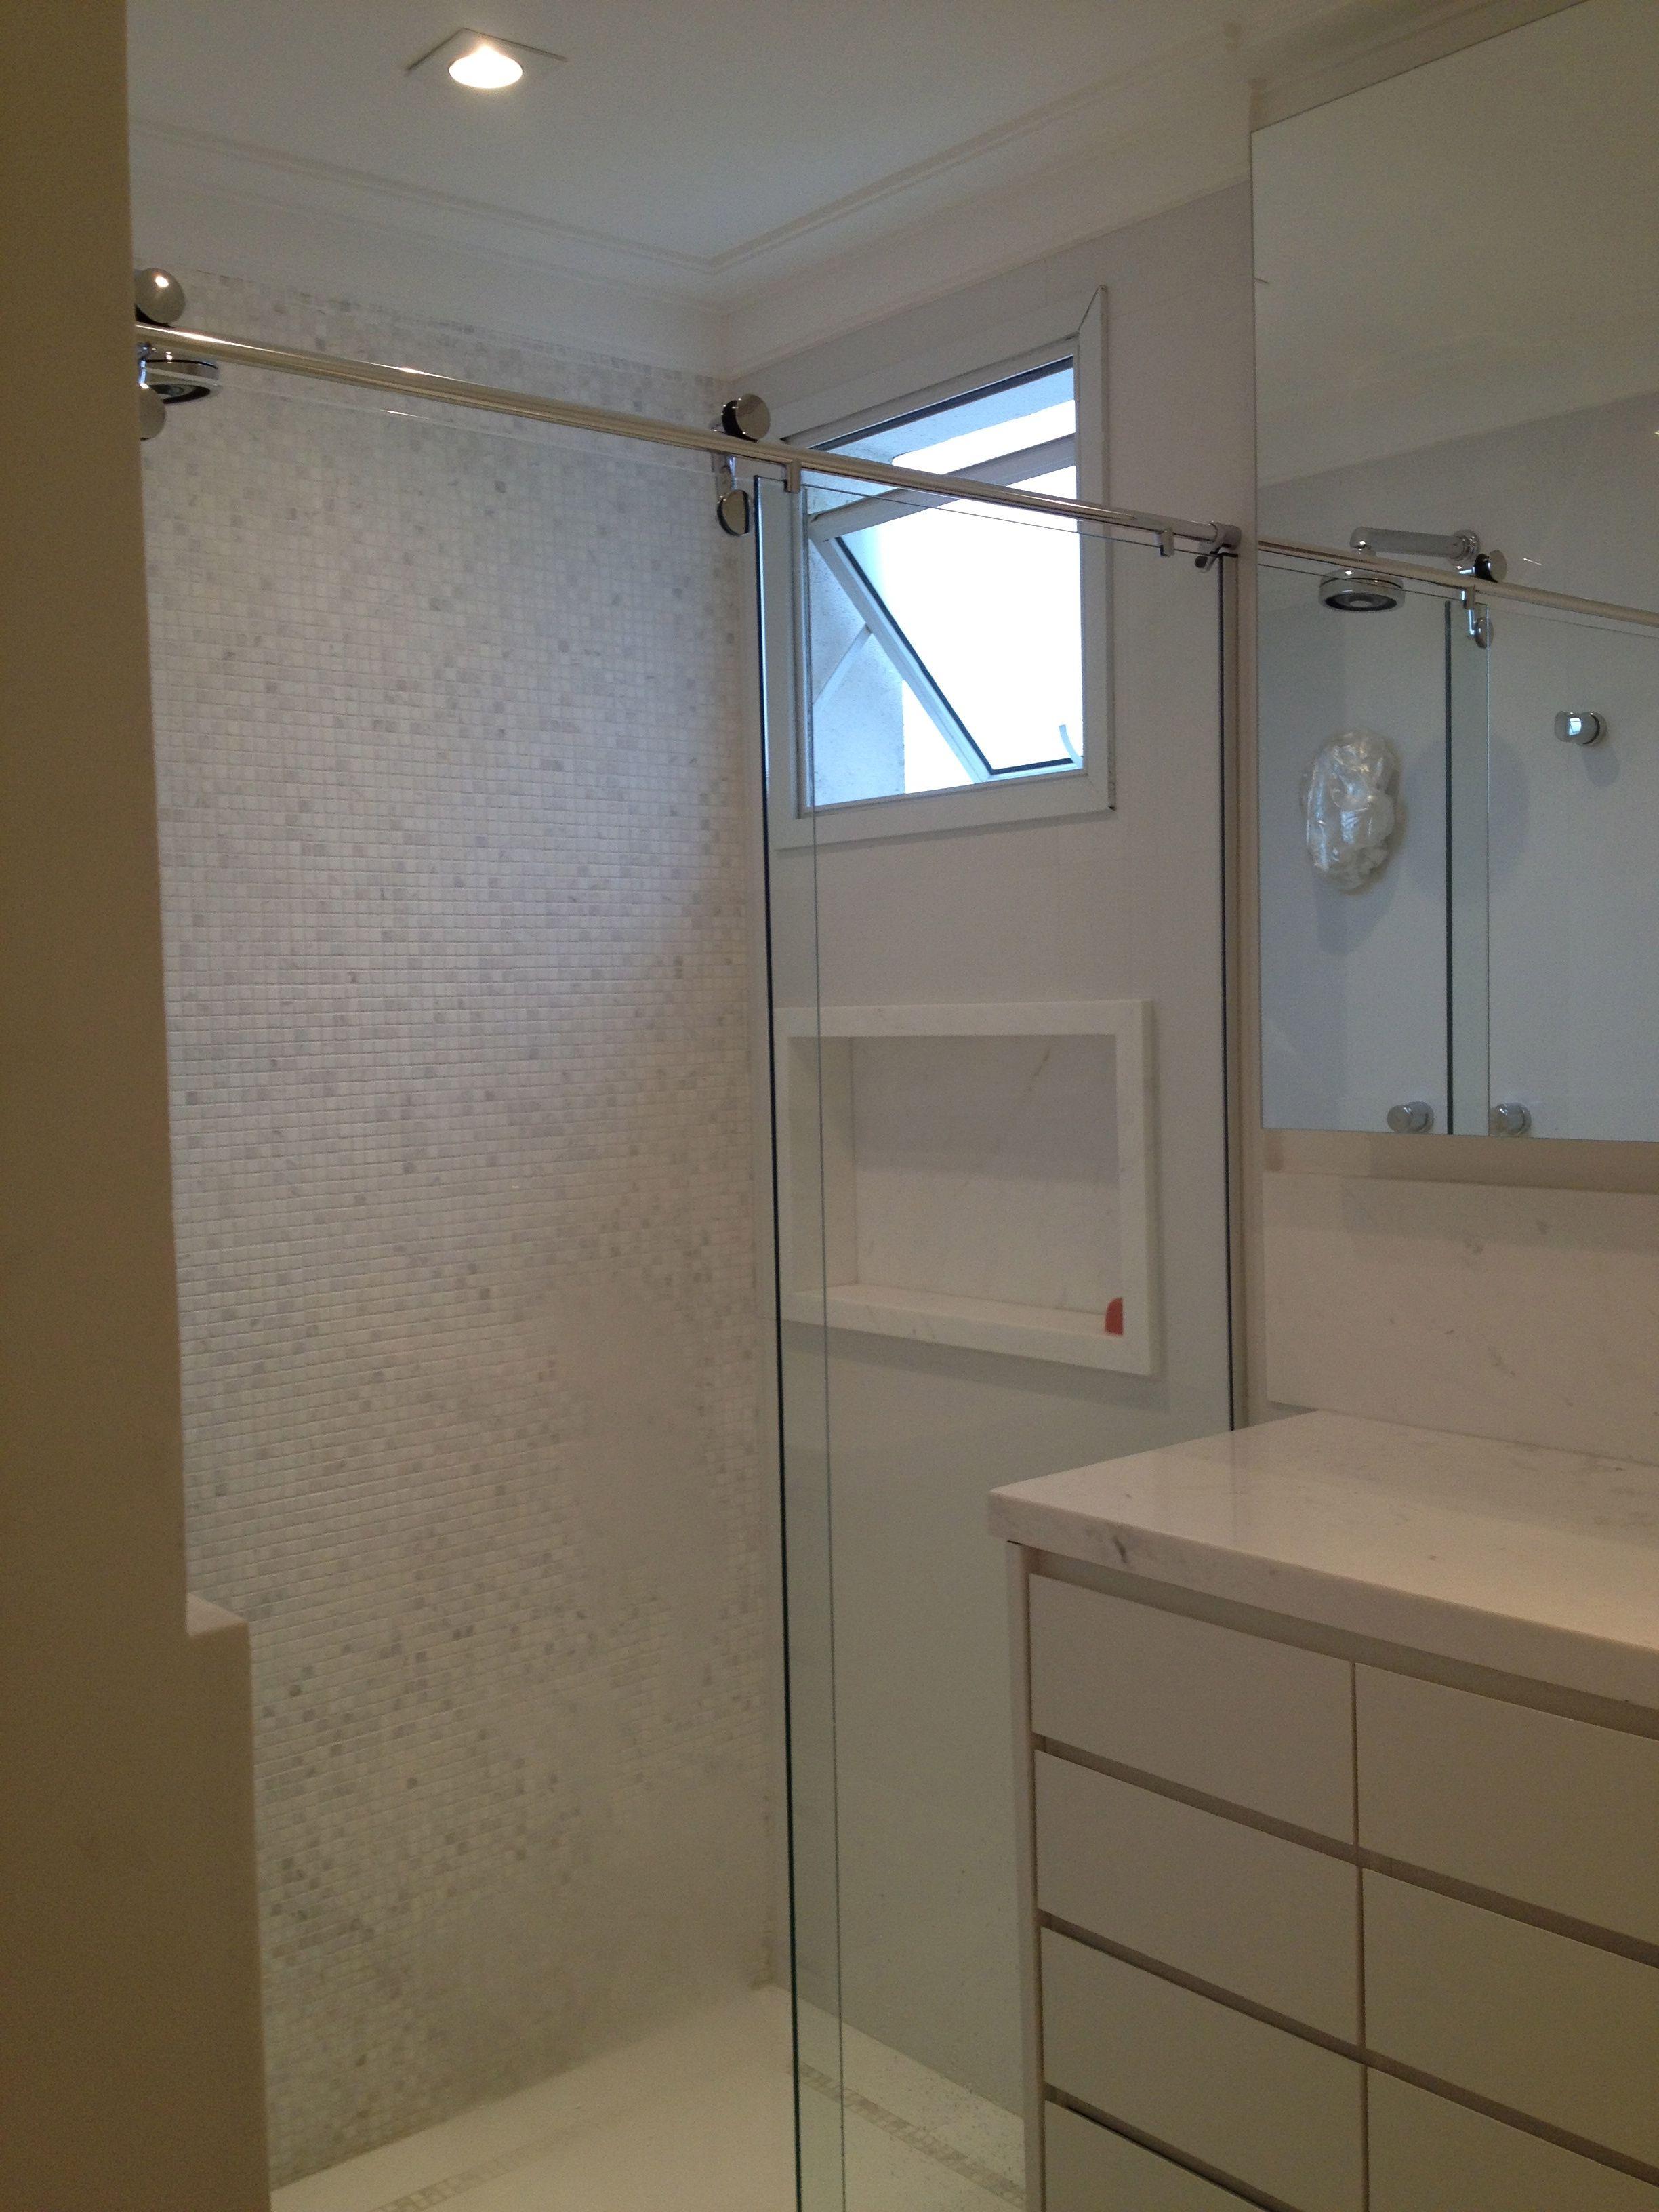 Nicho embutido na parede aumenta a área útil do box  Banheiros  Pinterest  -> Nicho Banheiro Embutir